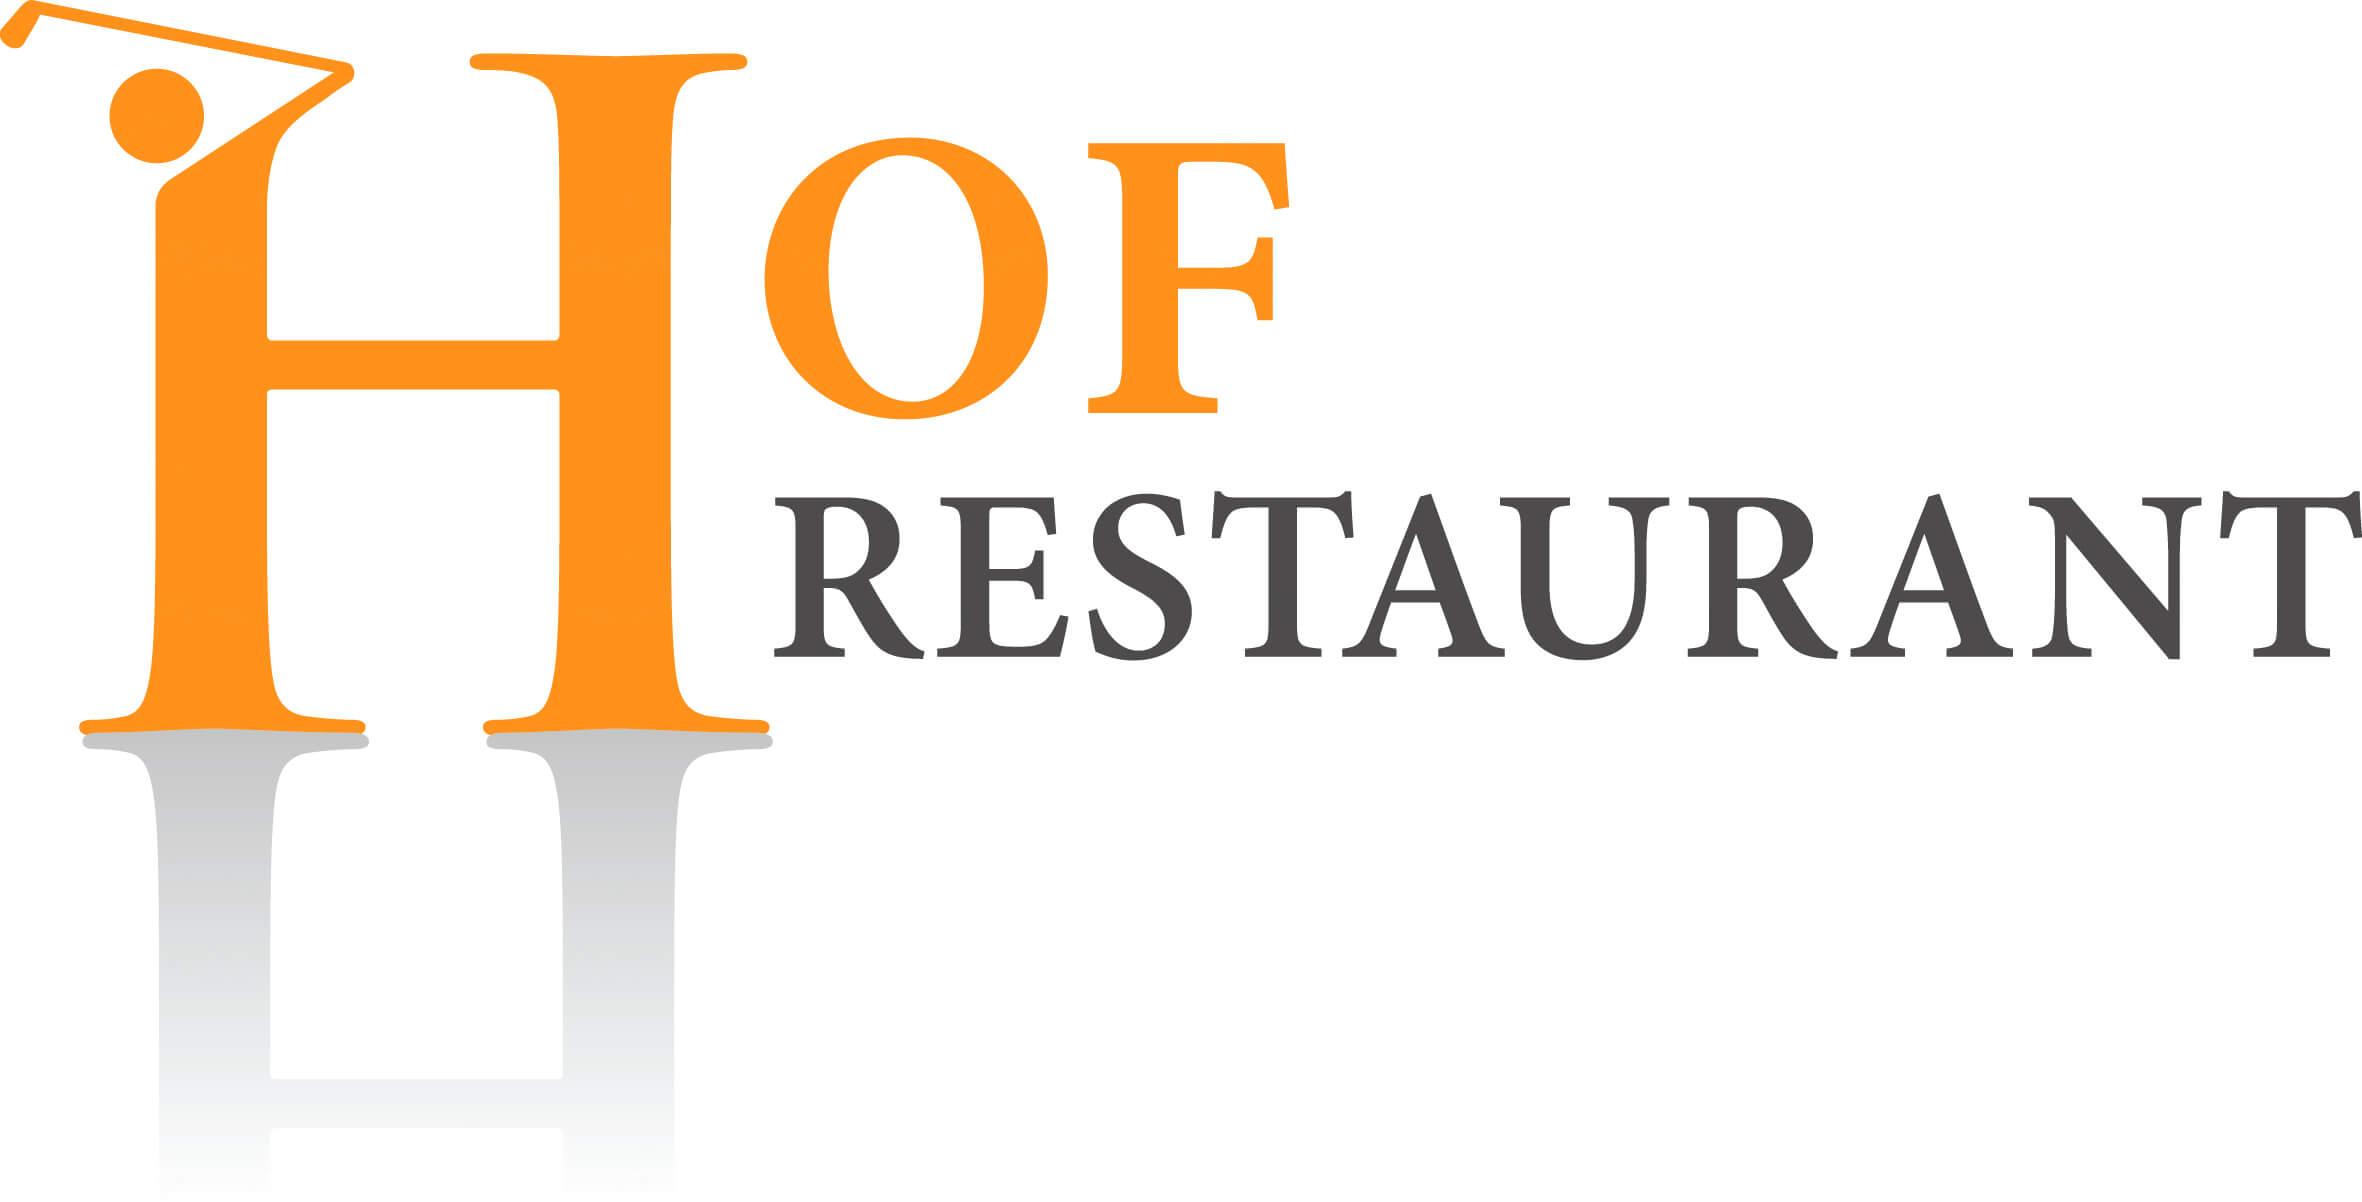 Hof Restaurant logo